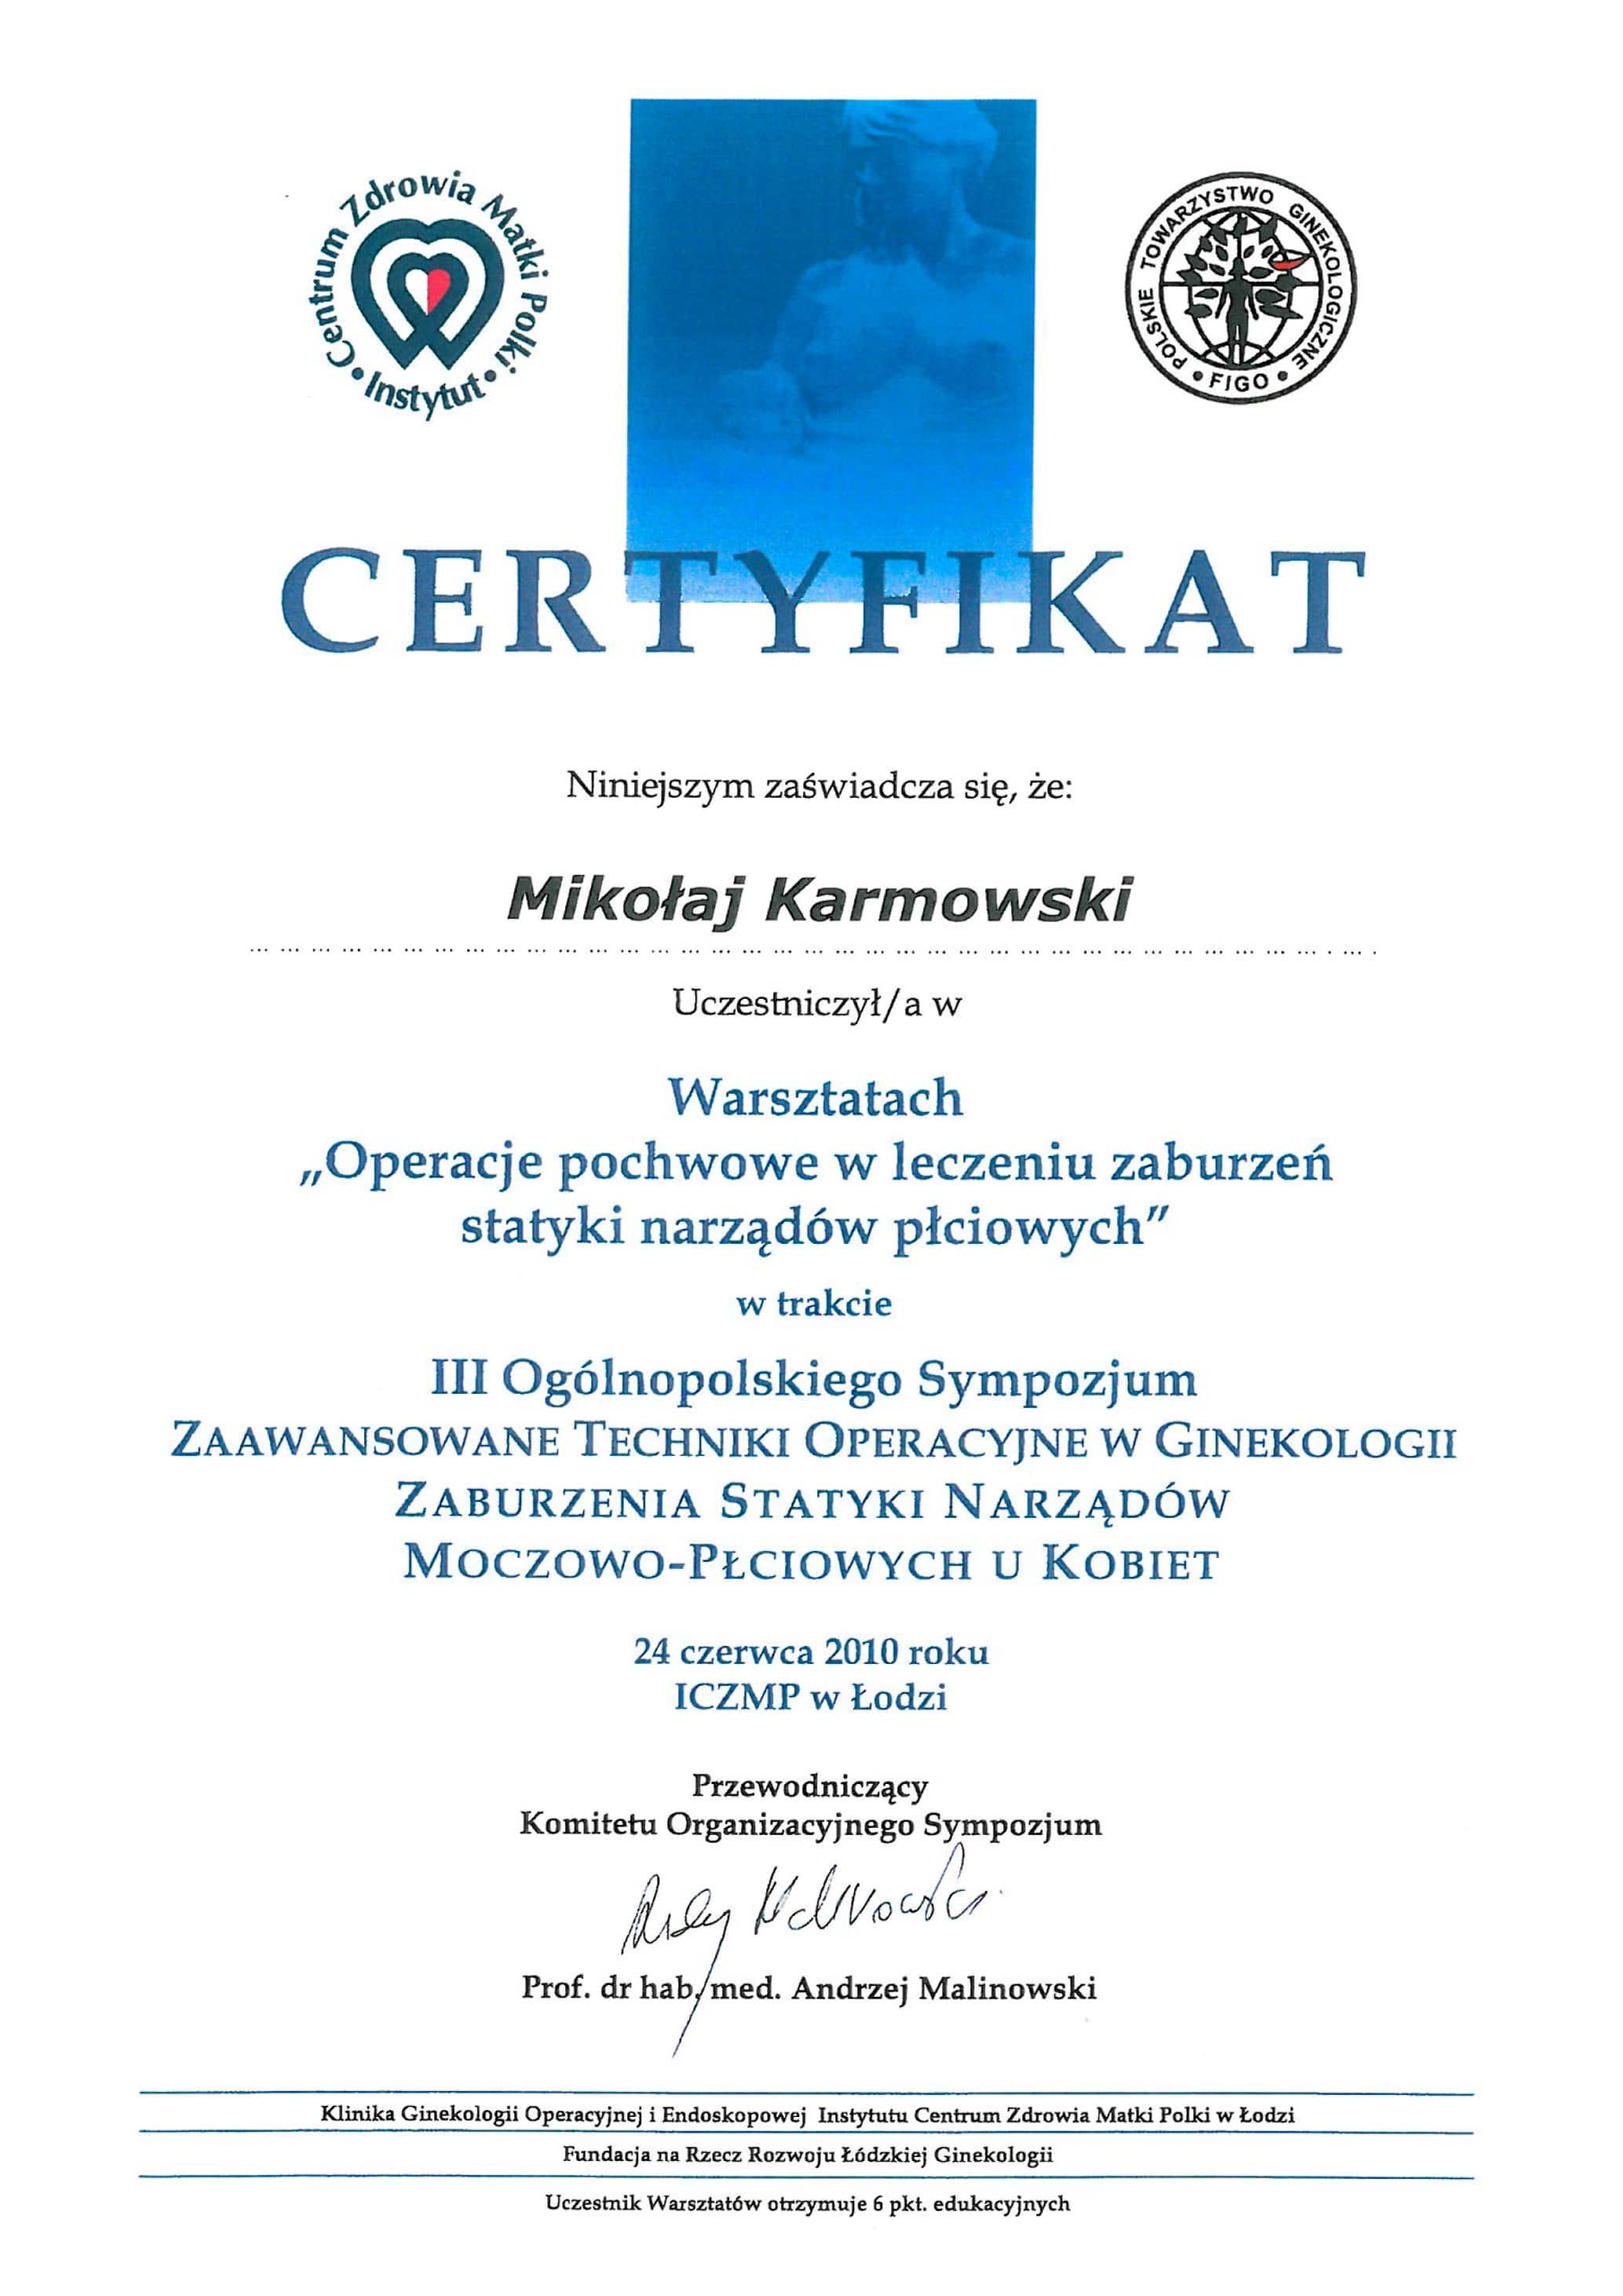 Mikołaj Karmowski certyfikat operacje pochwowe w leczeniu zaburzeń narządów płciowych